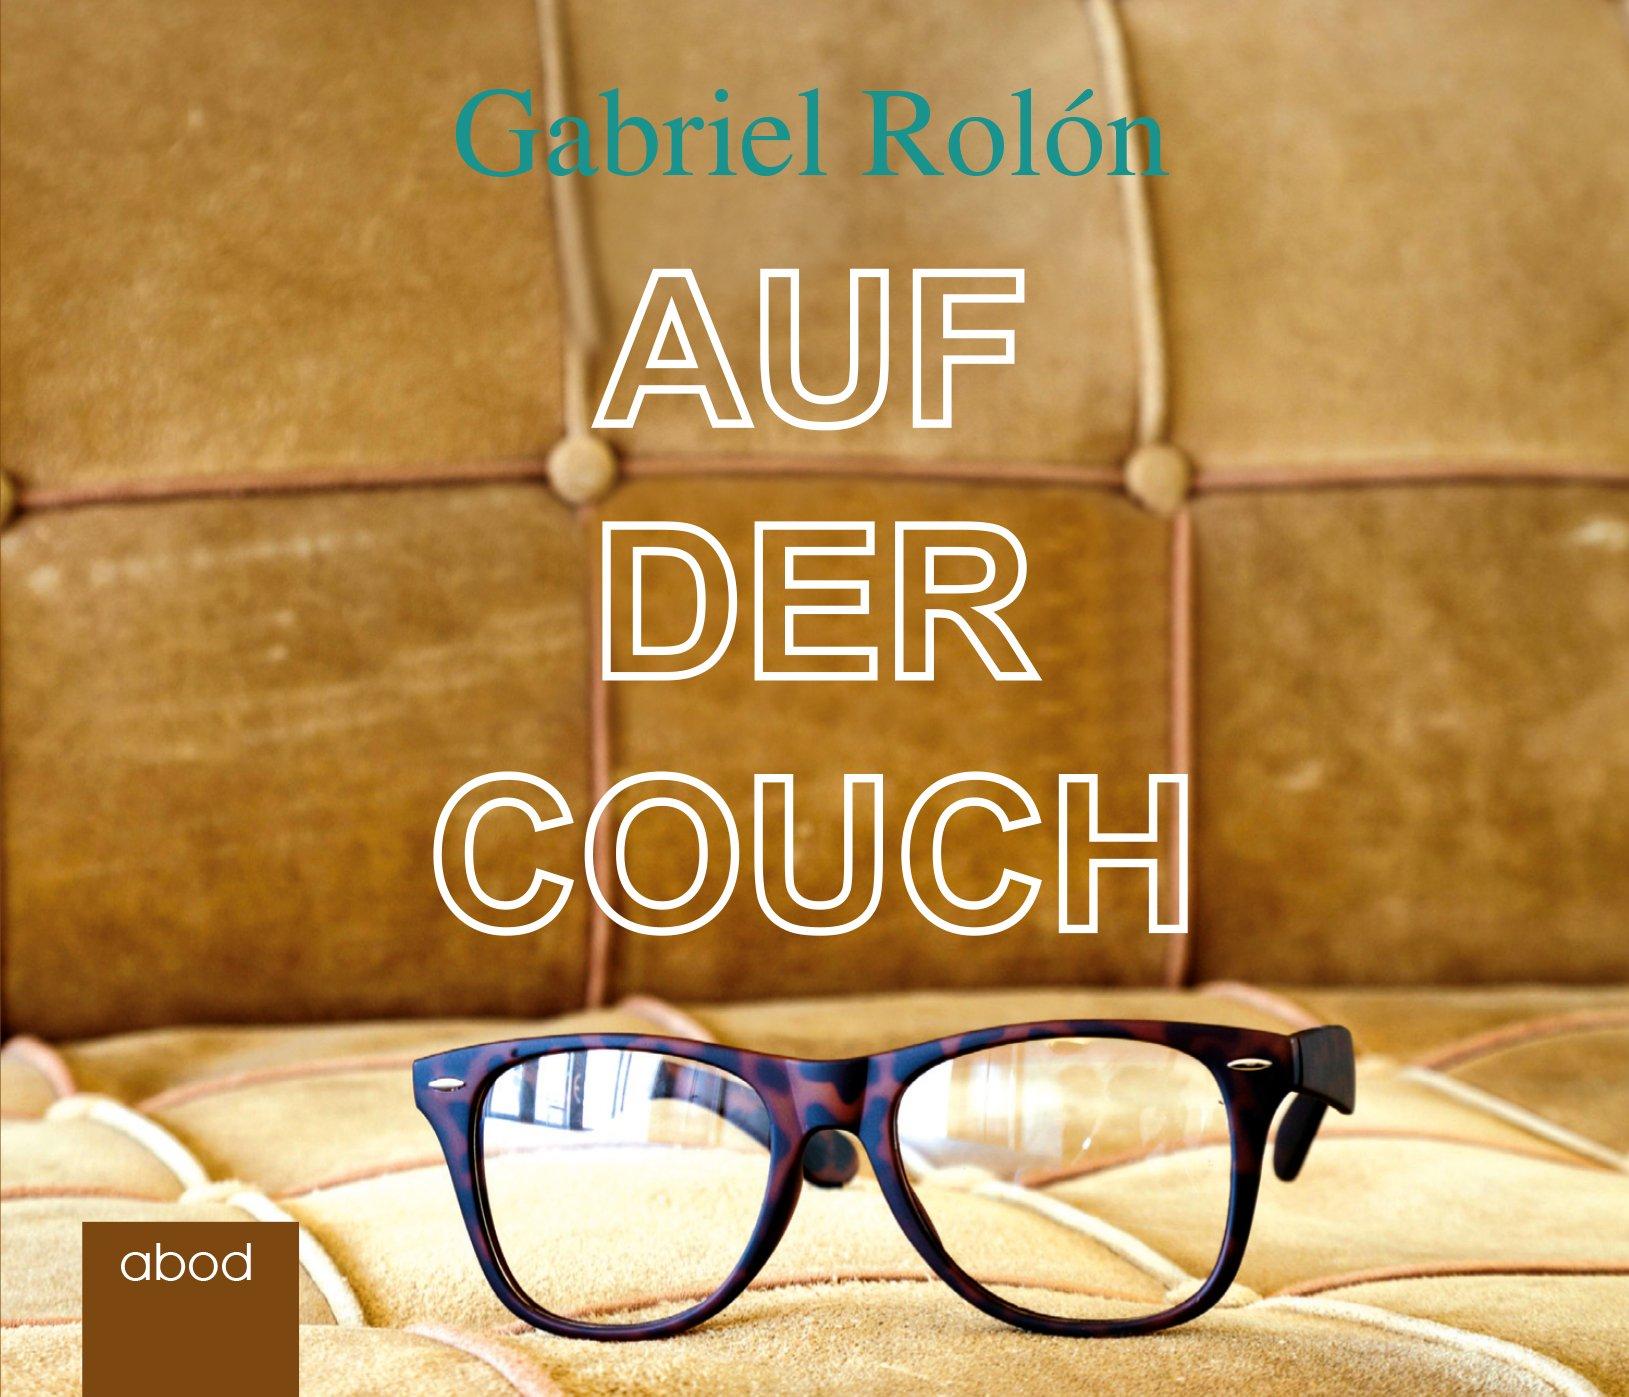 Auf der Couch - Audio-CD